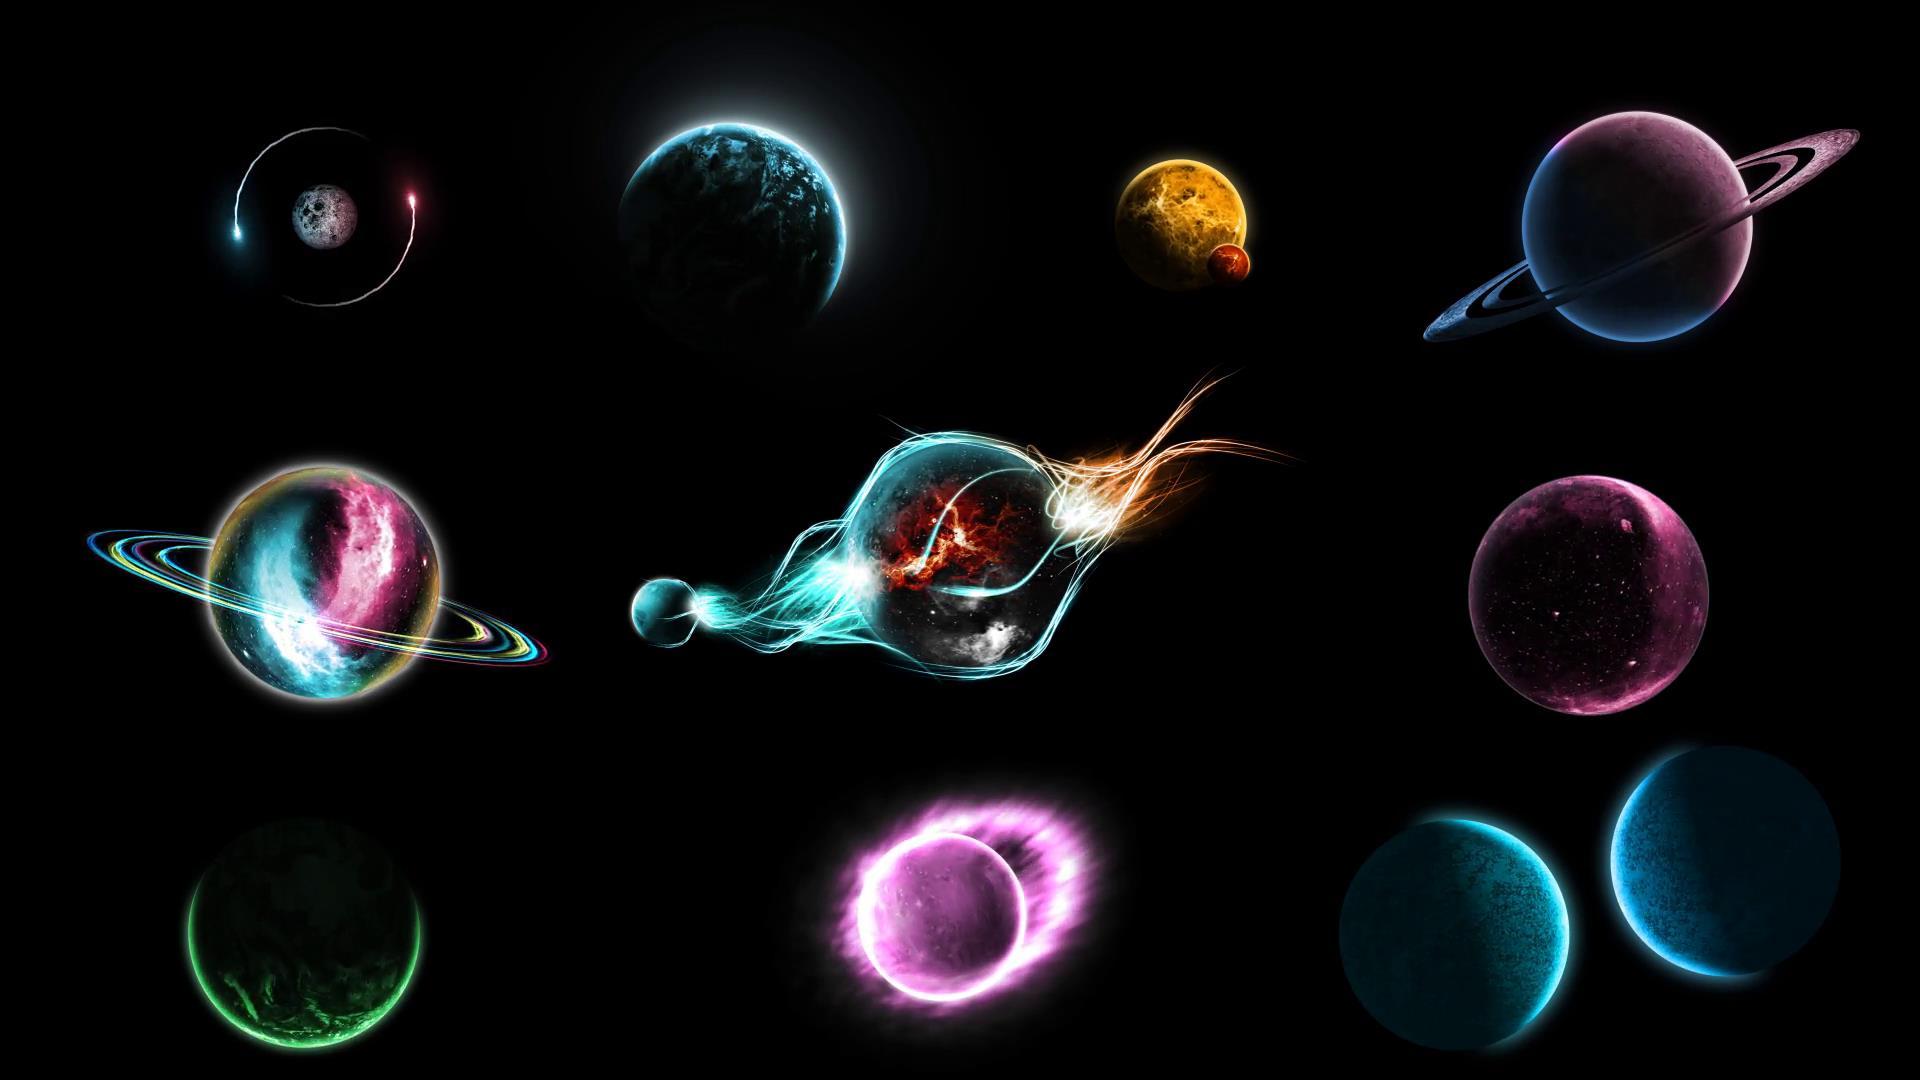 ae模板 科幻太空太阳系银河星系行星特效模型模板 ae素材